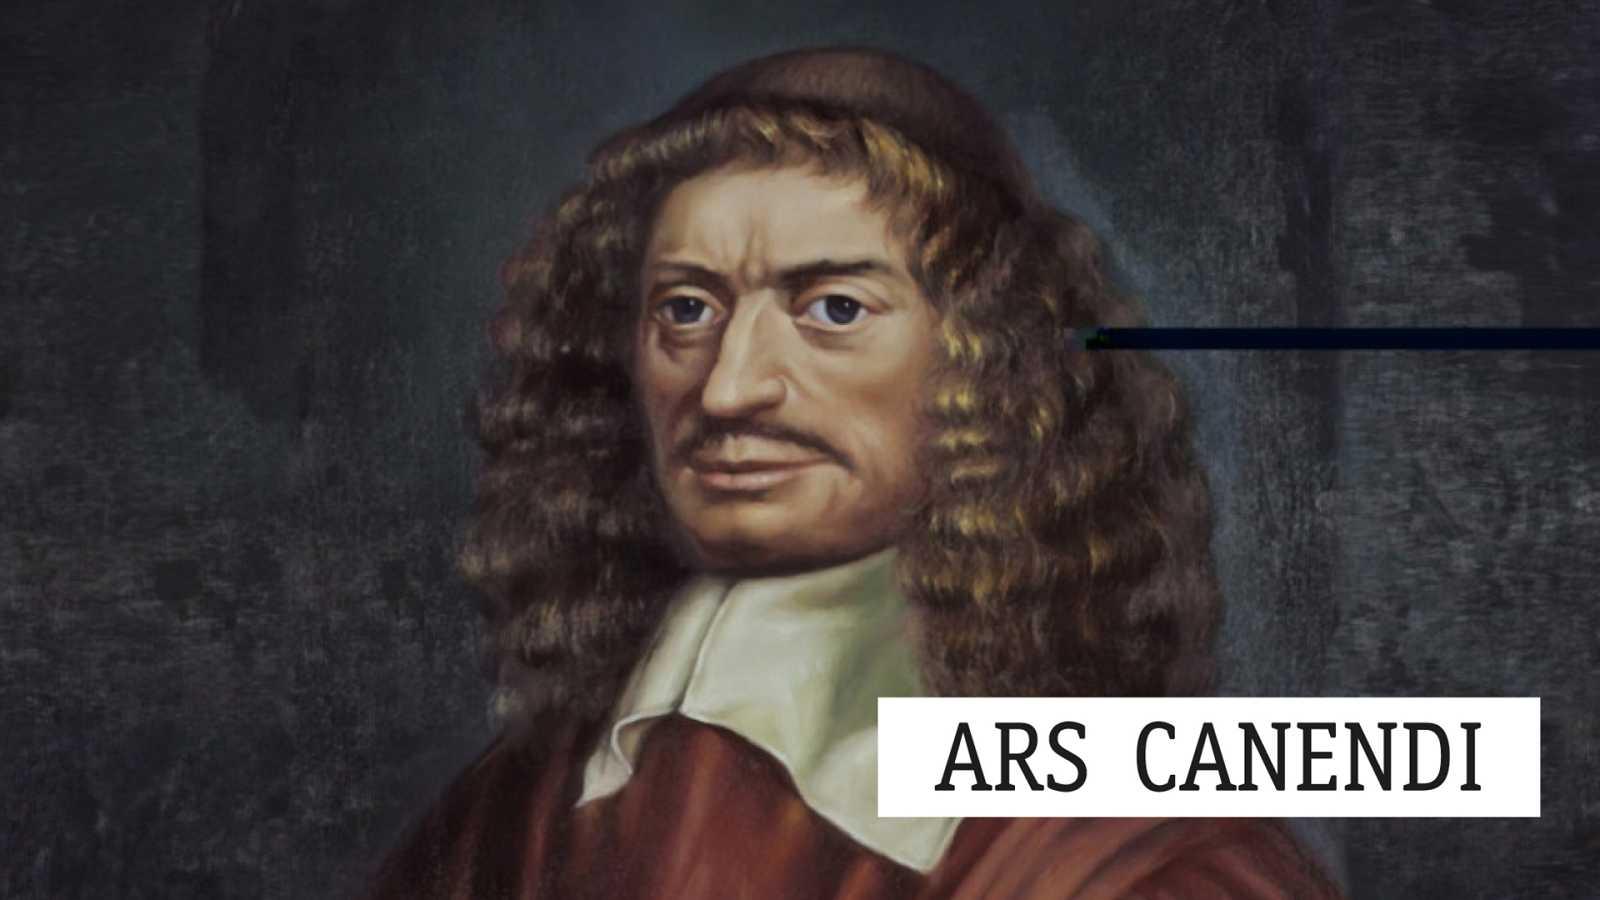 Ars canendi - Las damas de Mozart - 29/11/20 - escuchar ahora